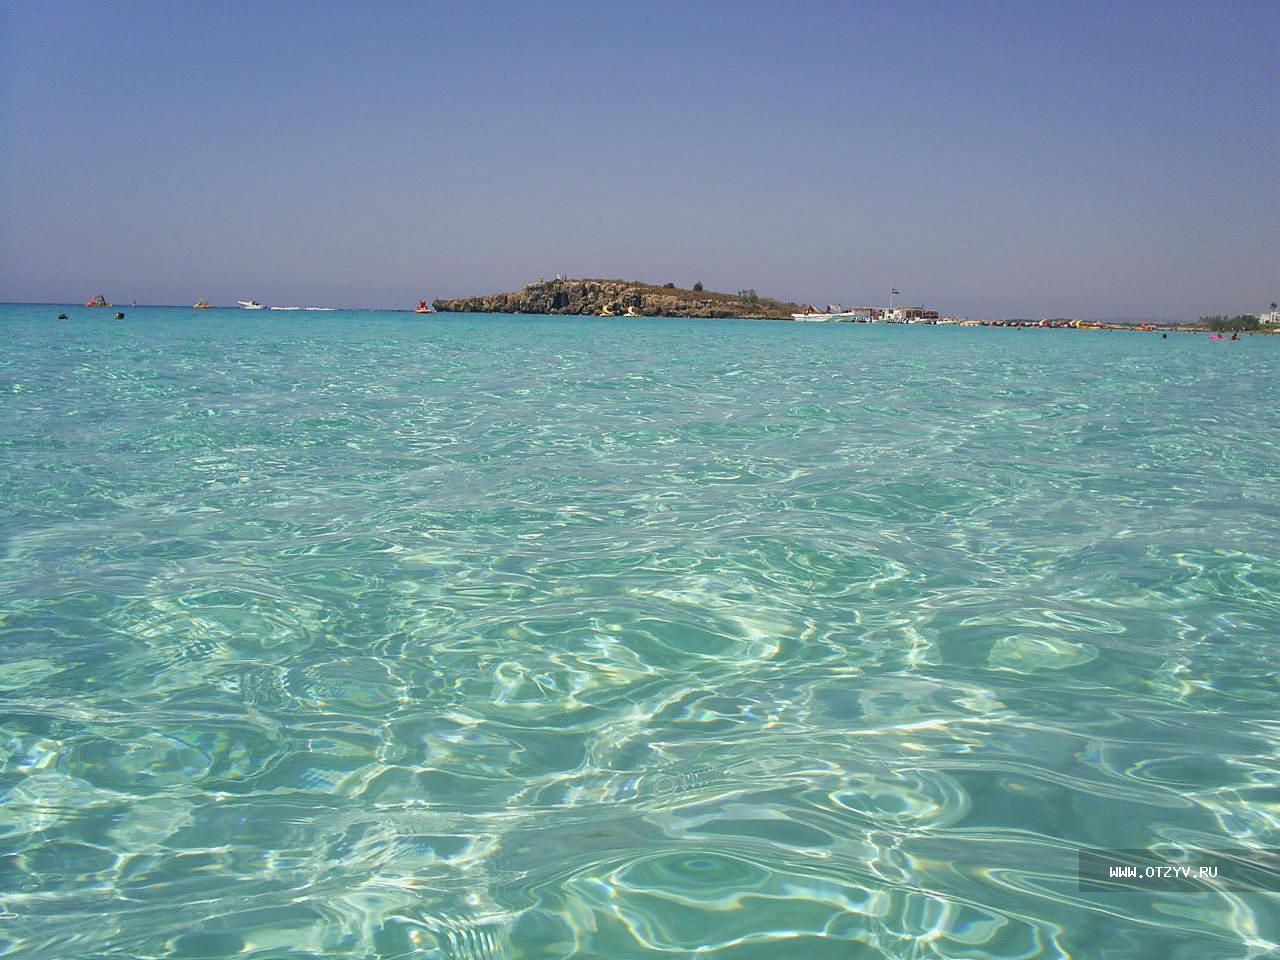 Фото айя напа кипр пляжные